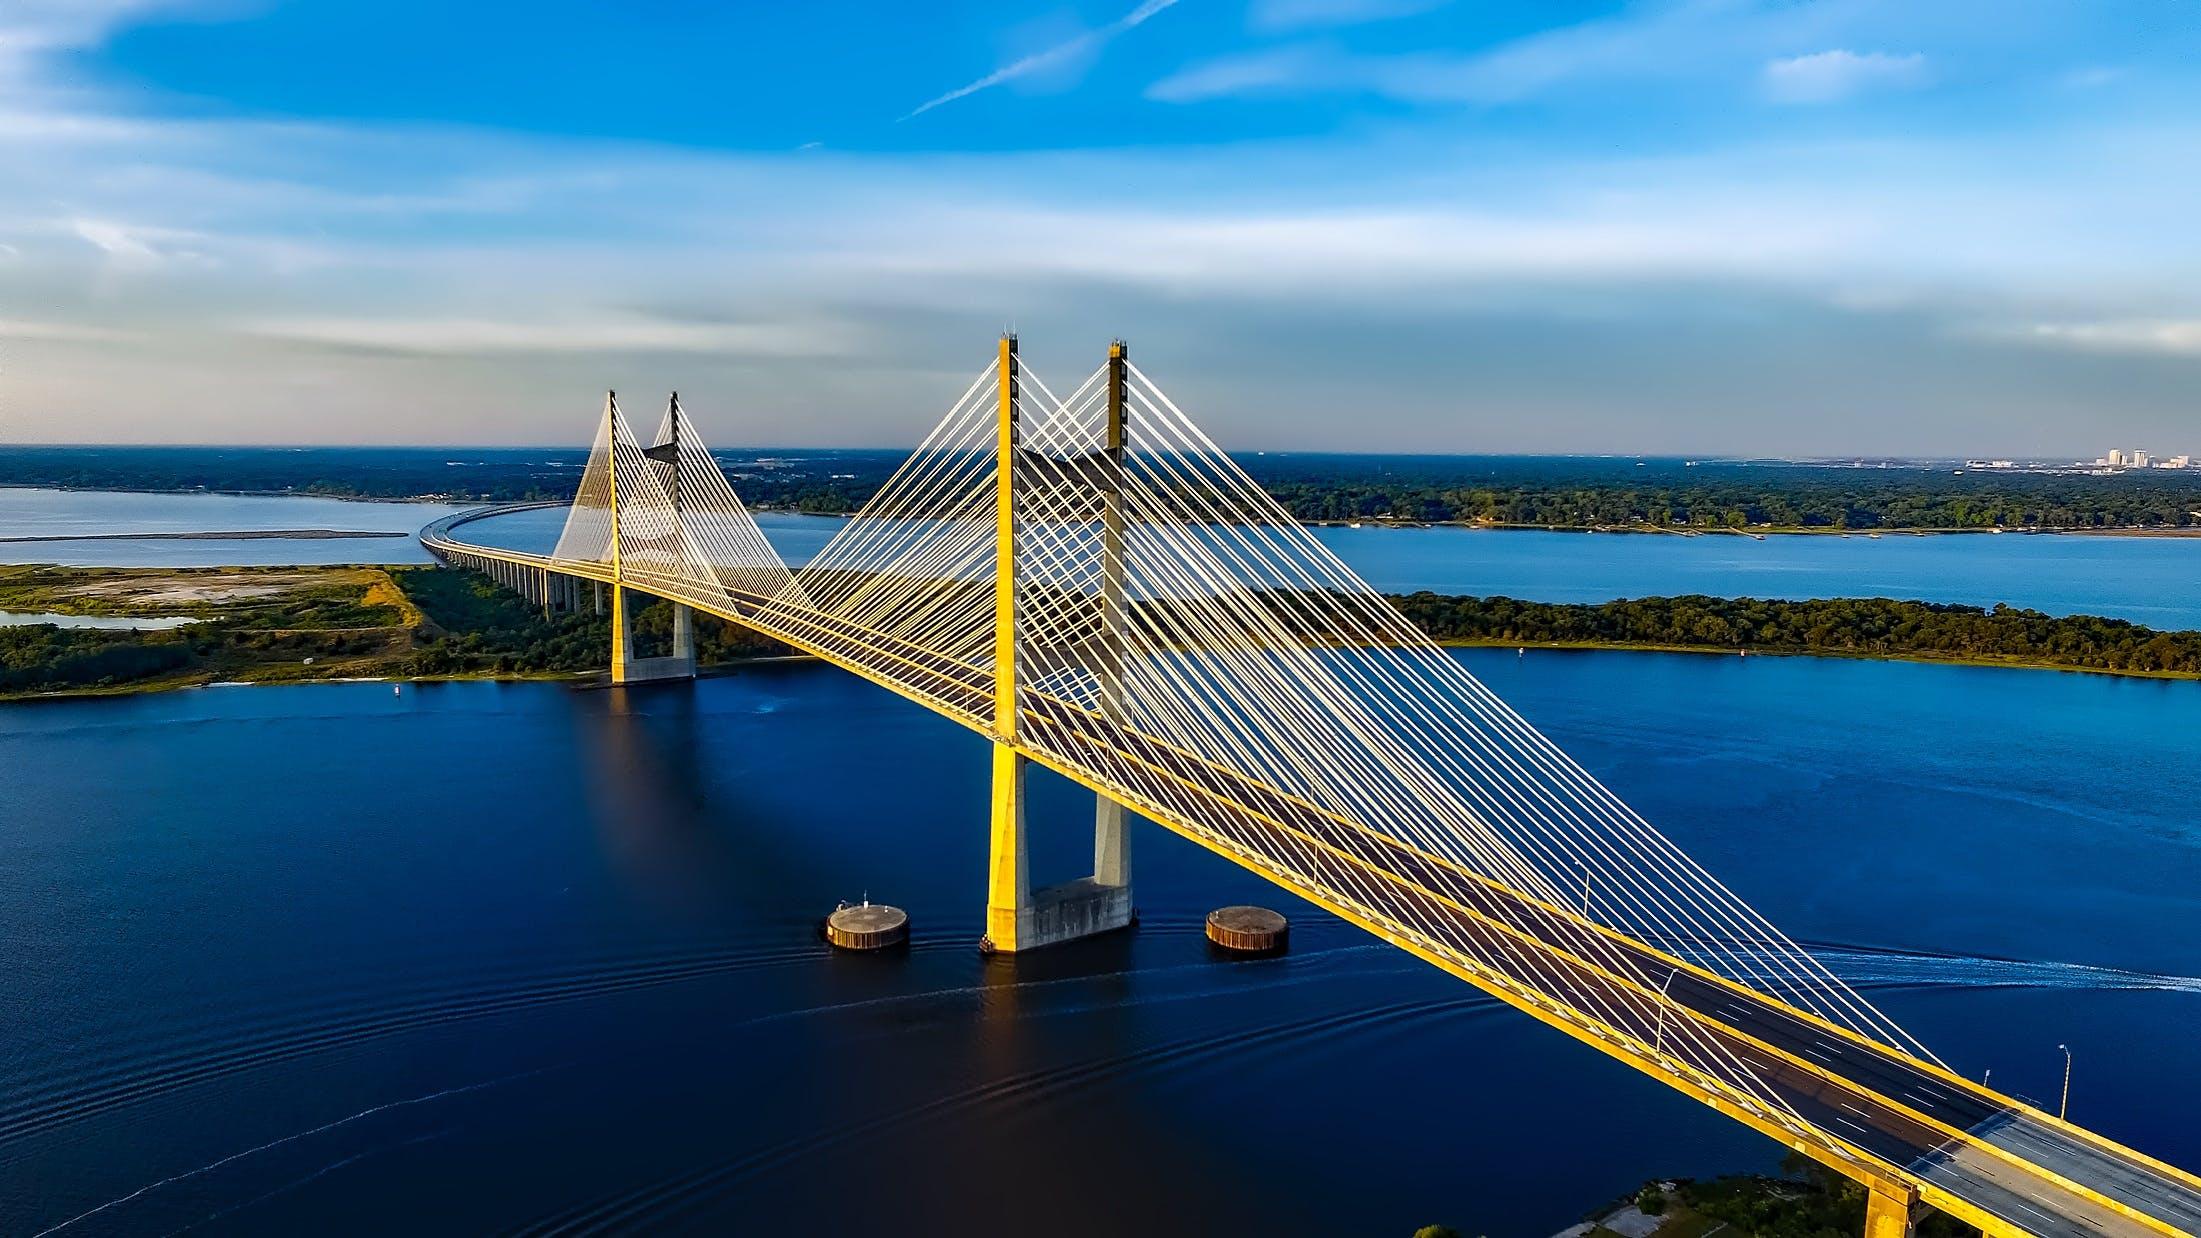 Základová fotografie zdarma na téma architektura, dames bodový most, dopravní systém, Florida